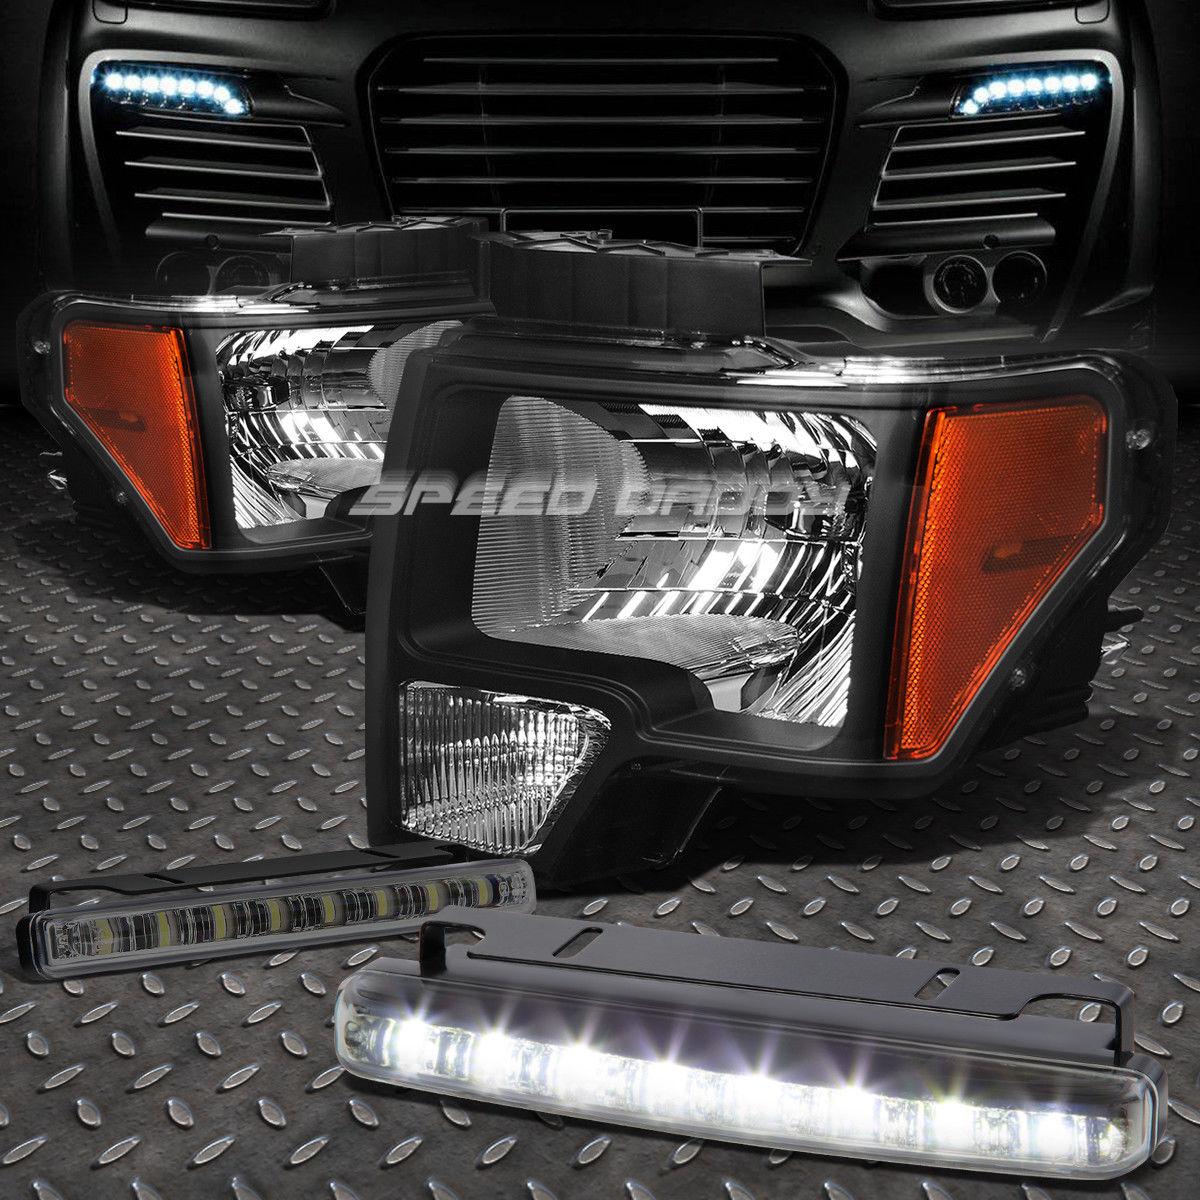 フォグライト BLACK HOUSING HEADLIGHT AMBER CORNER+8 LED SMOKE FOG LIGHT FOR 09-14 FORD F150 ブラックハウジングヘッドライトアバナーコーナー+ 8個のLED SMOKE FOGライト(09-14フォードF150用)